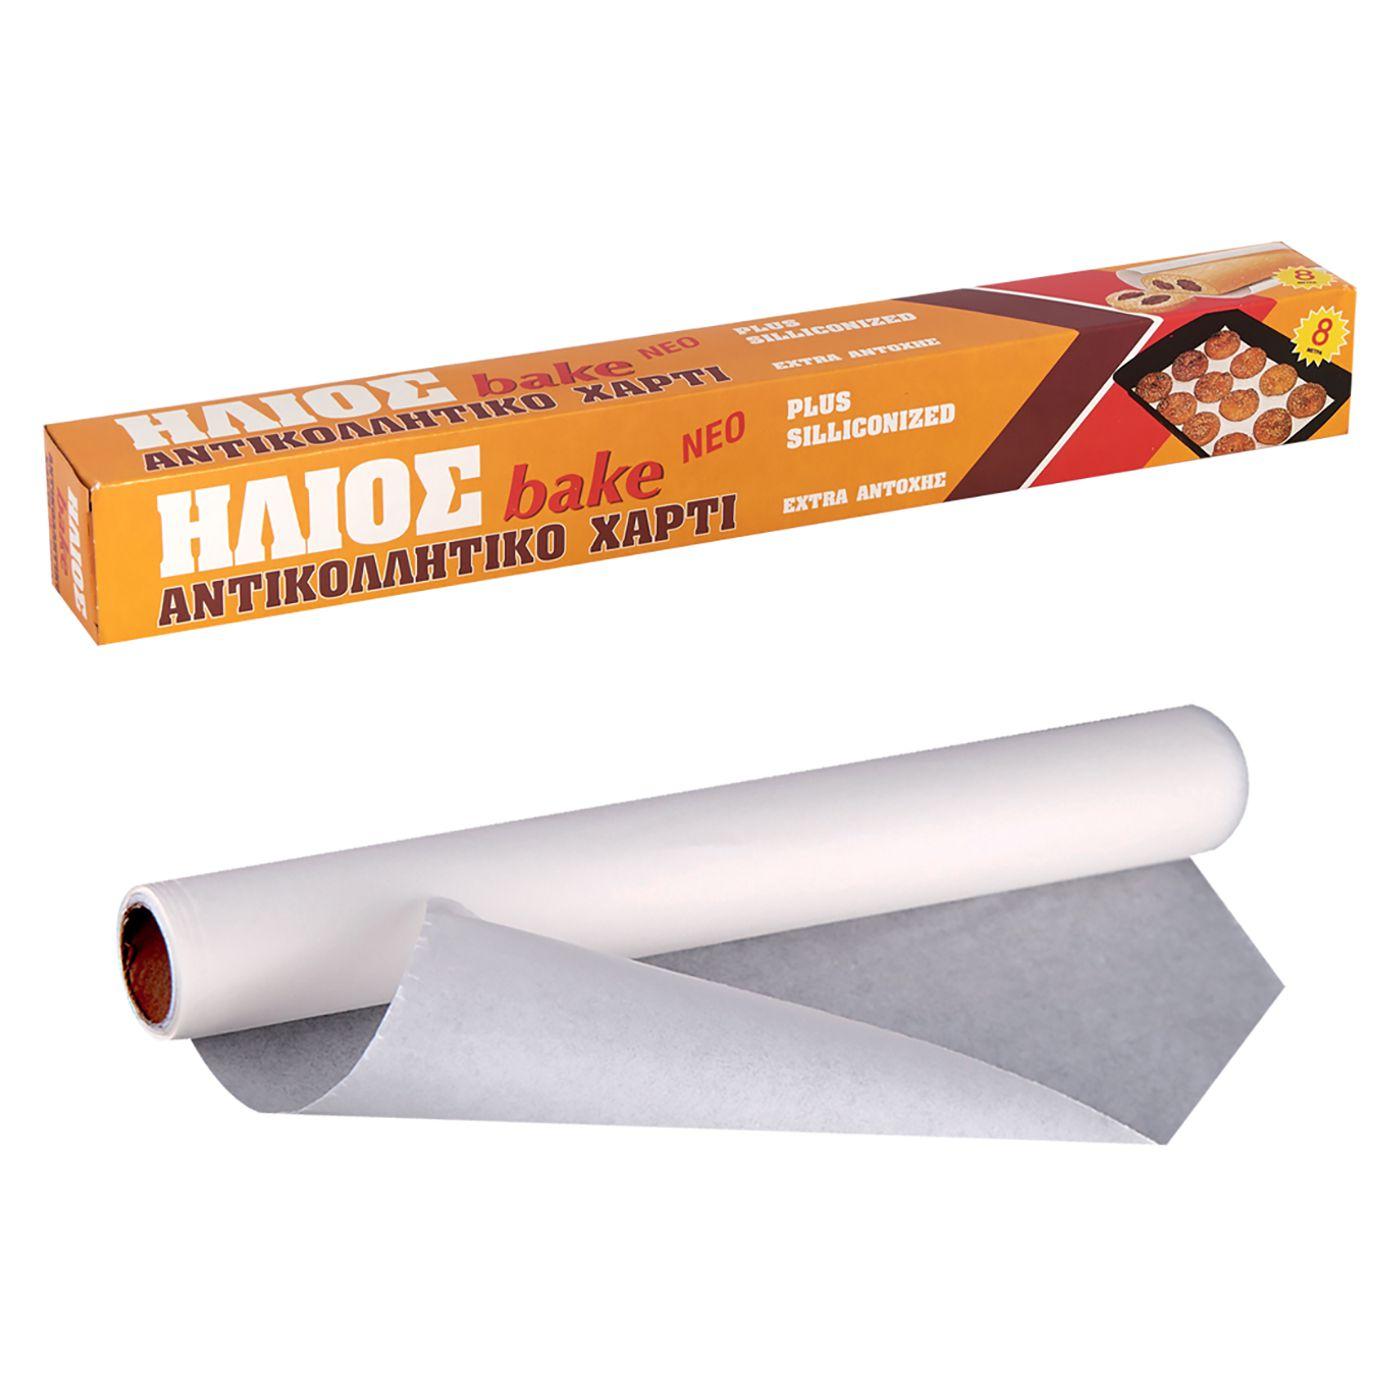 ΑΝΤΙΚΟΛΛΗΤΙΚΟ ΧΑΡΤΙ ΨΗΣΙΜΑΤΟΣ 8m x 38cm